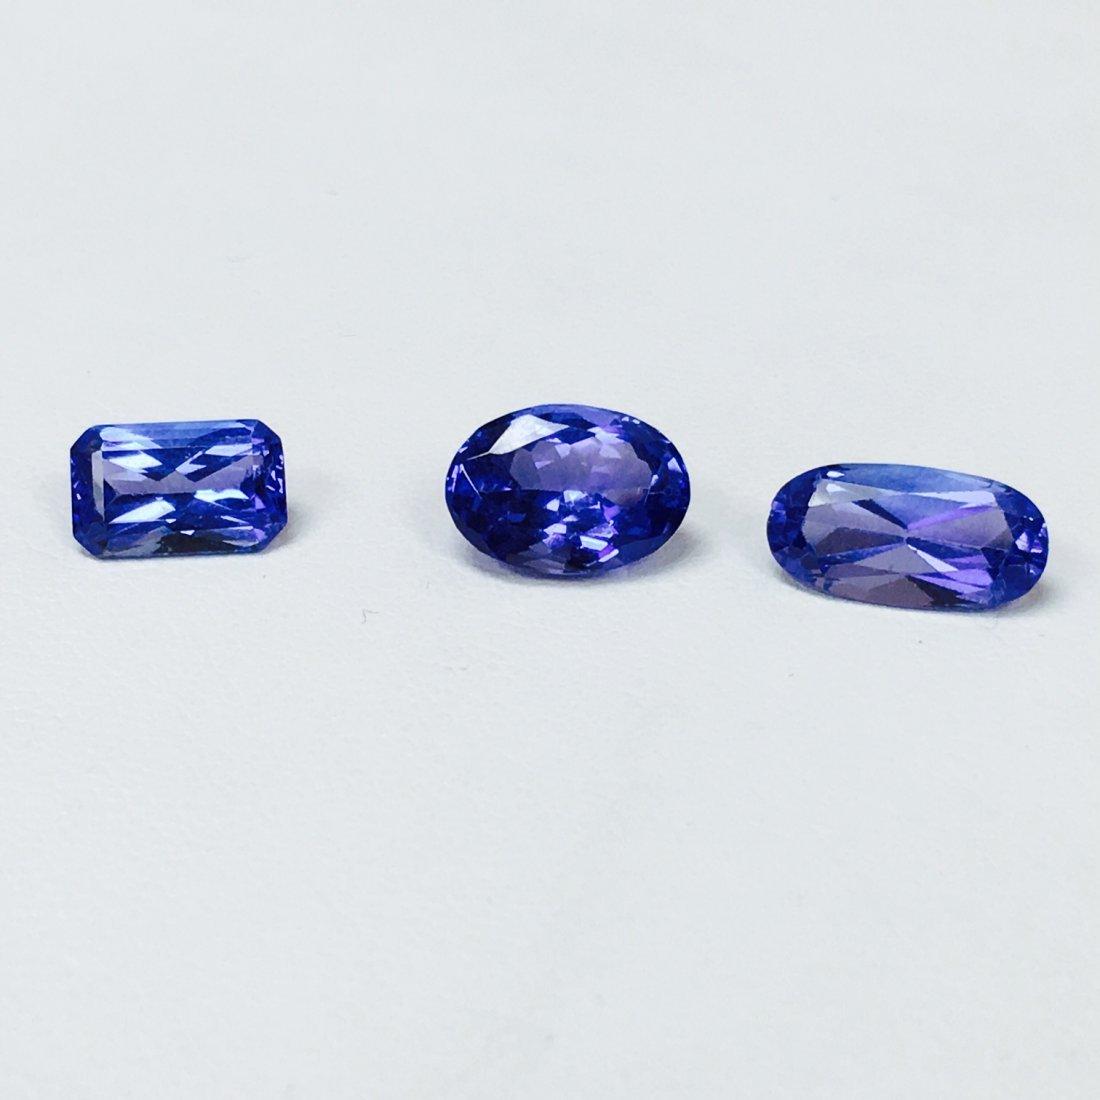 7.40 Carat, Loose Tanzanite Stones. 100% Natural.